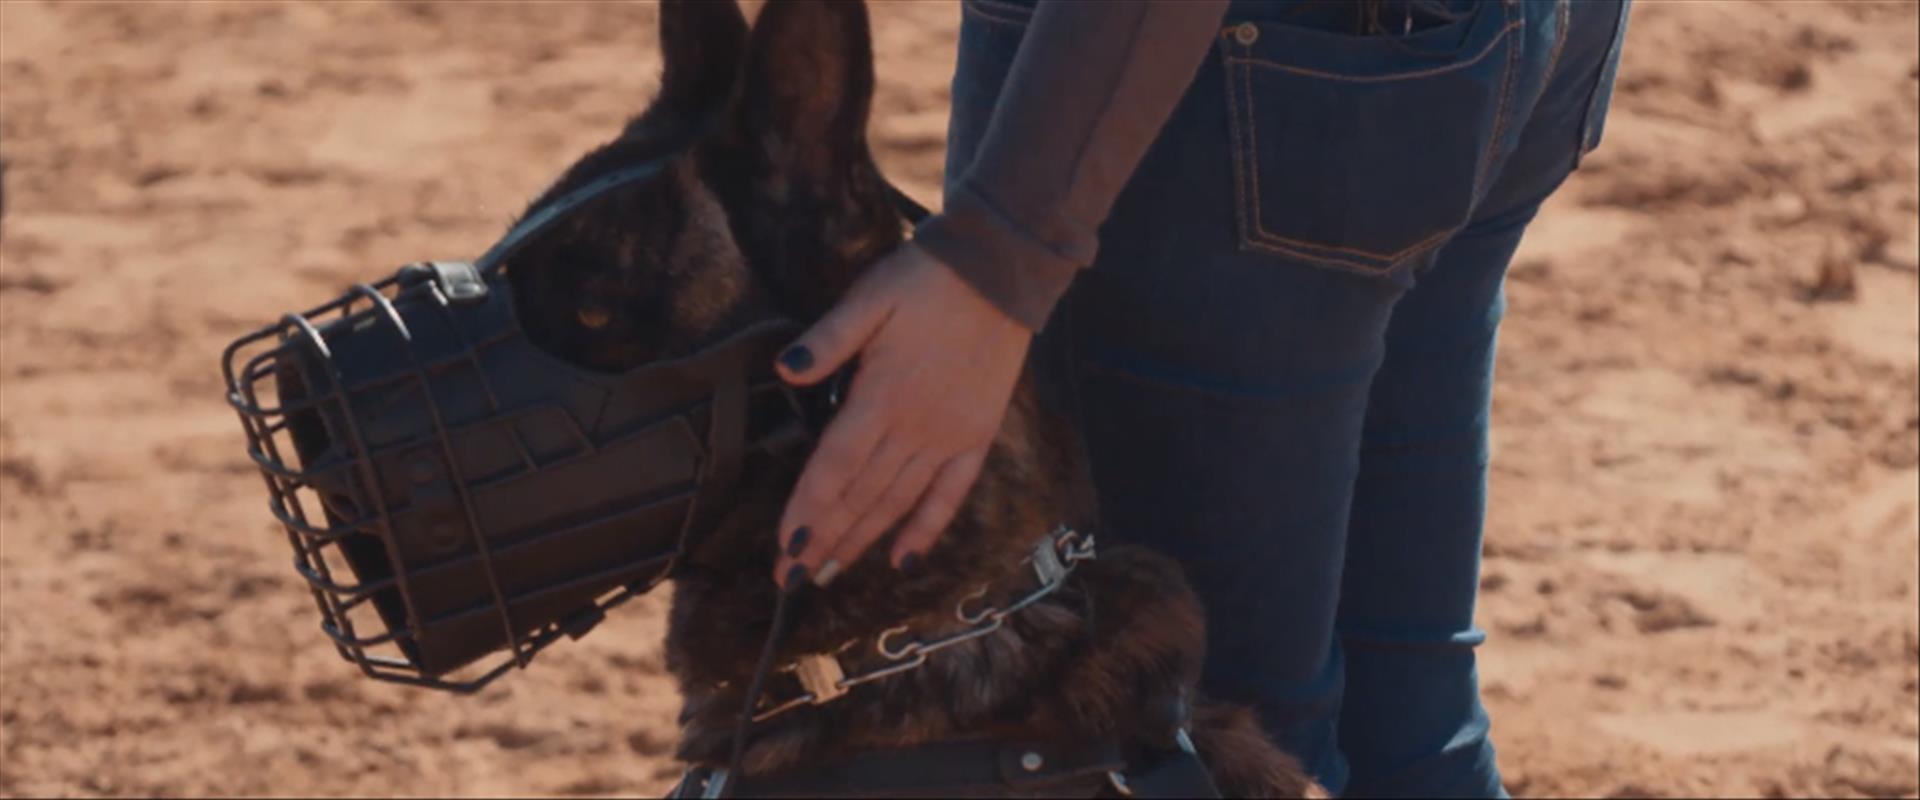 כלבי הגנה בזמן אימון